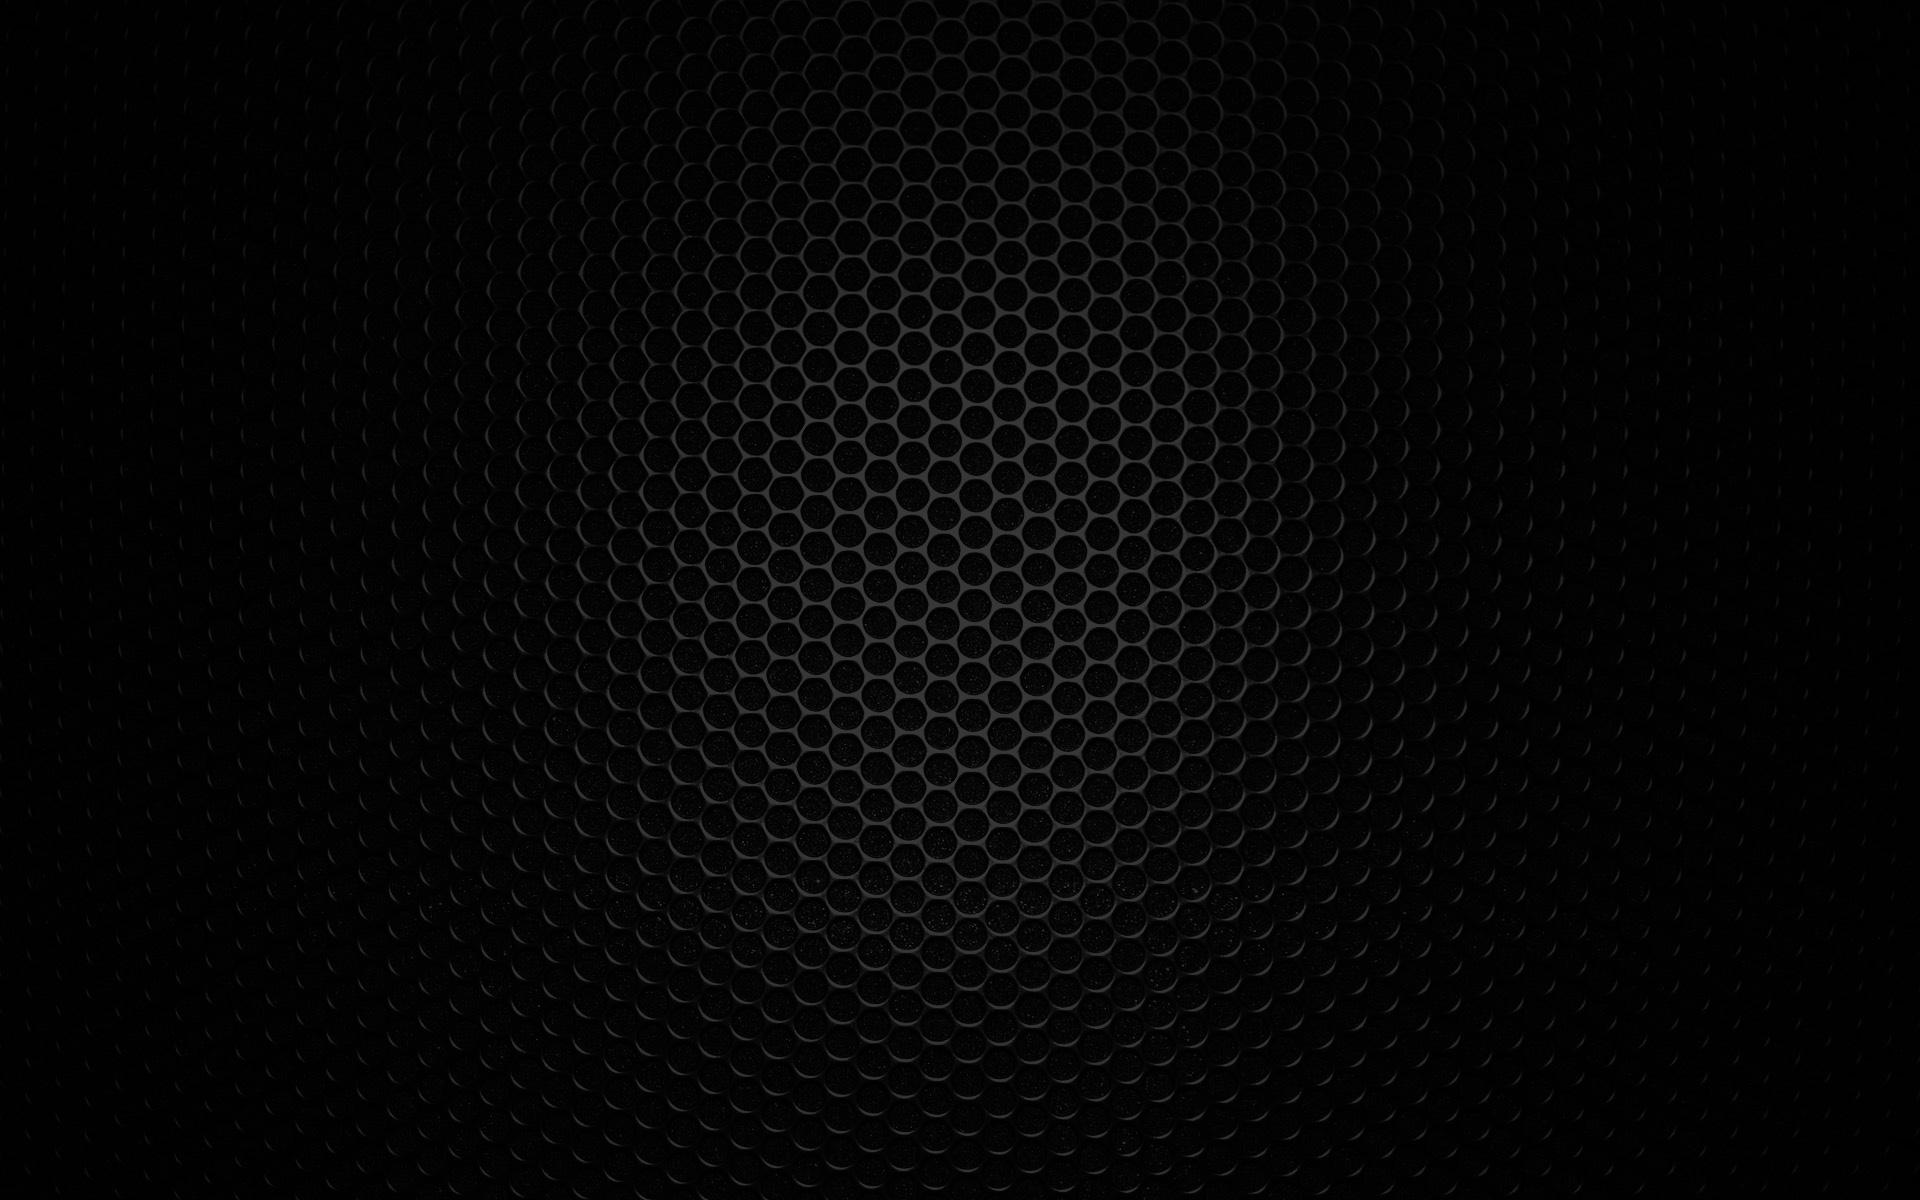 mic-background-dark